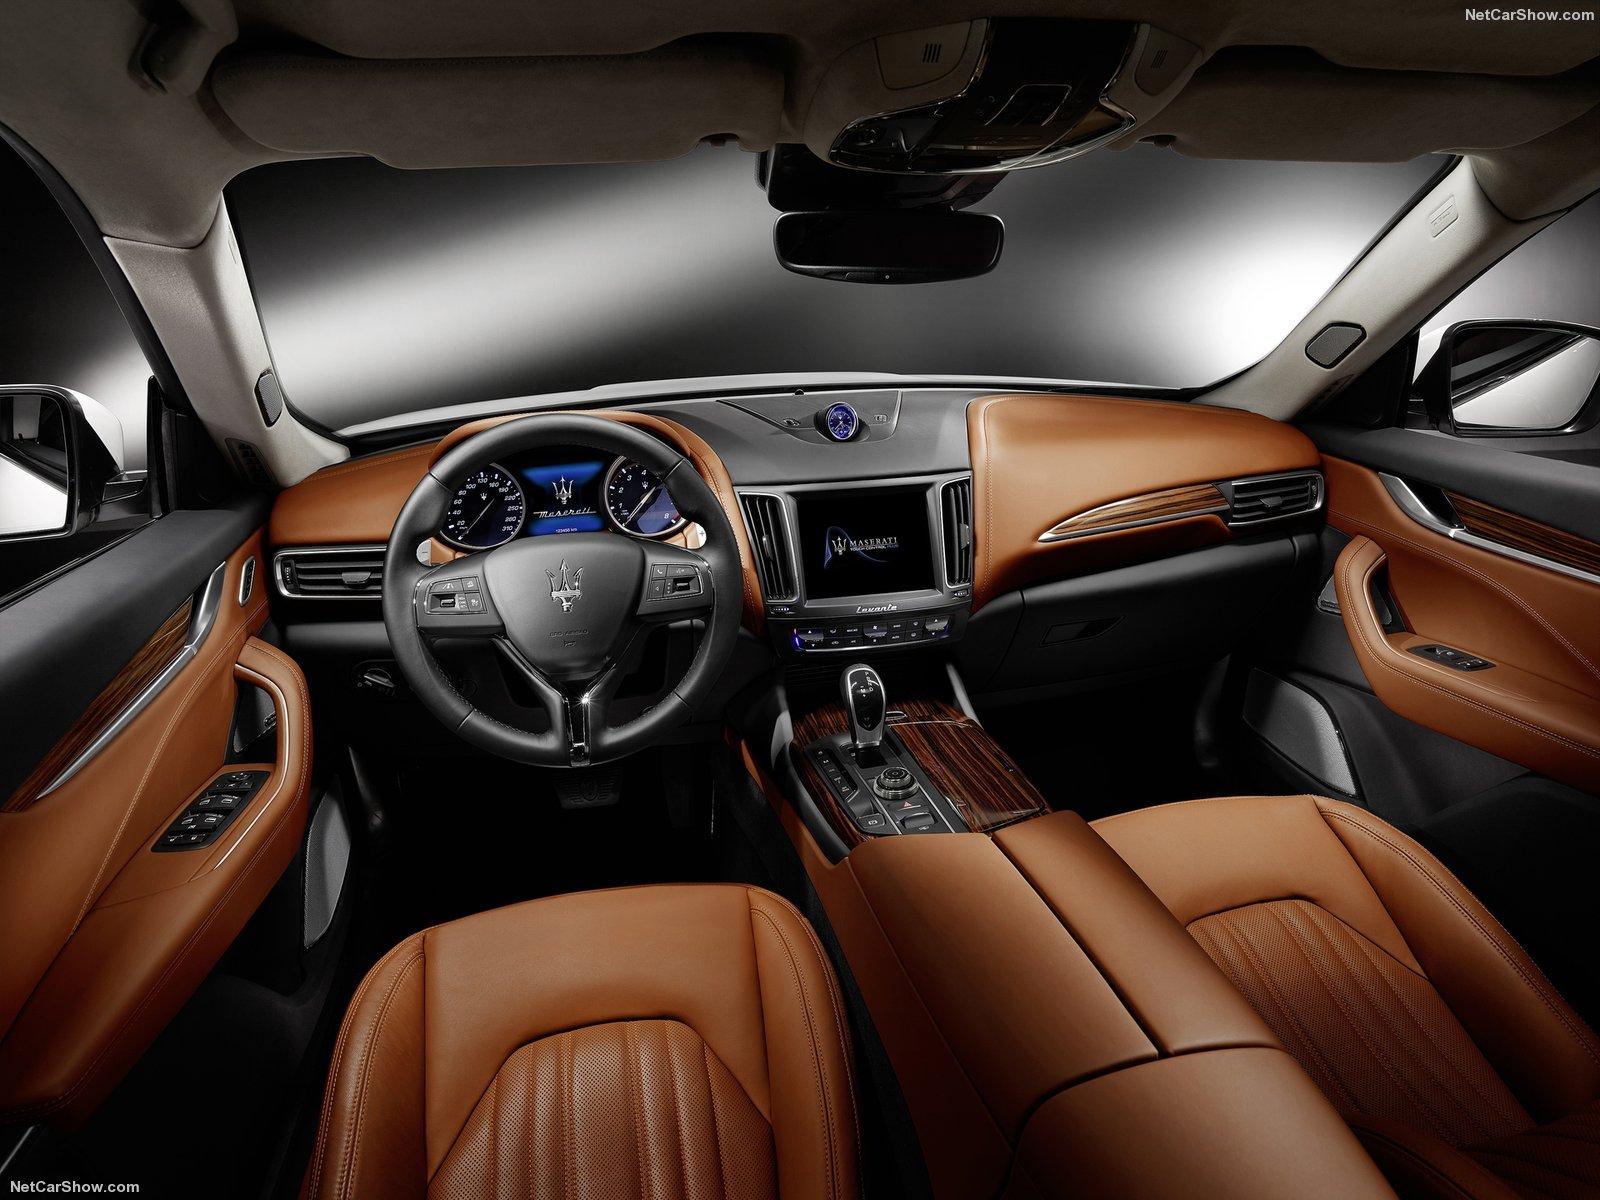 Maserati-Levante_2017_1600x1200_wallpaper_0d